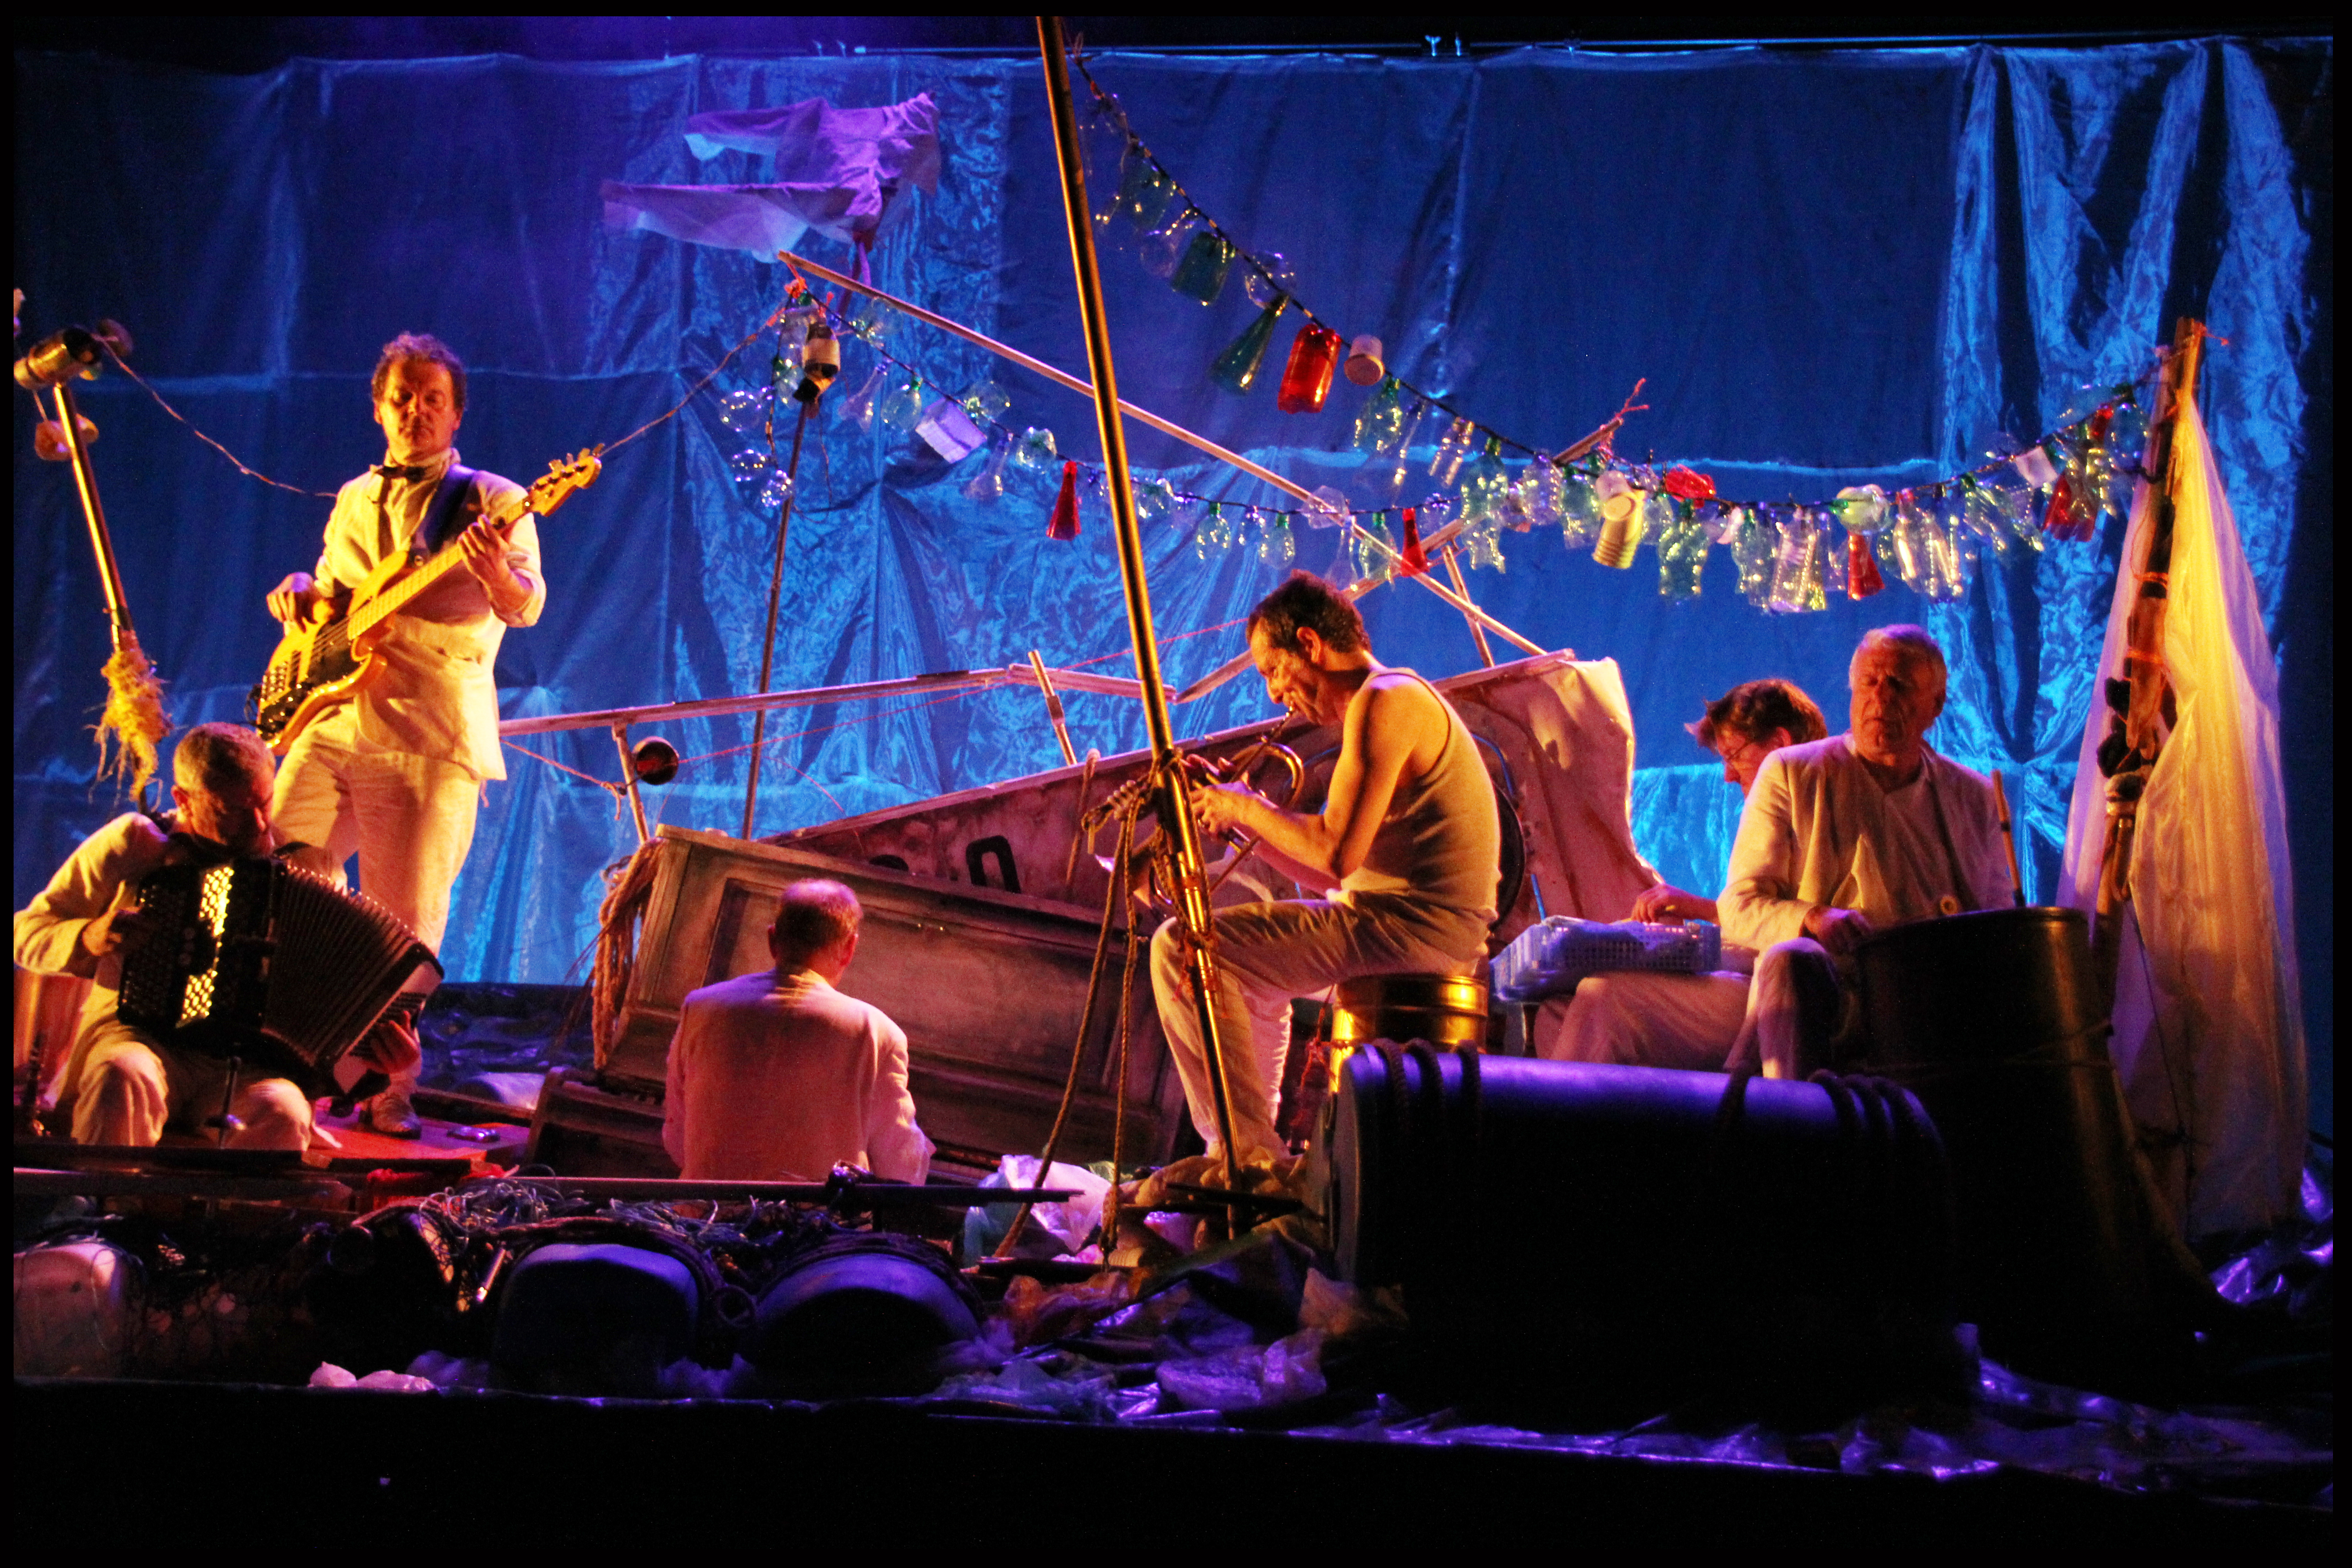 Le Grand Orchestre du 7ème Continent